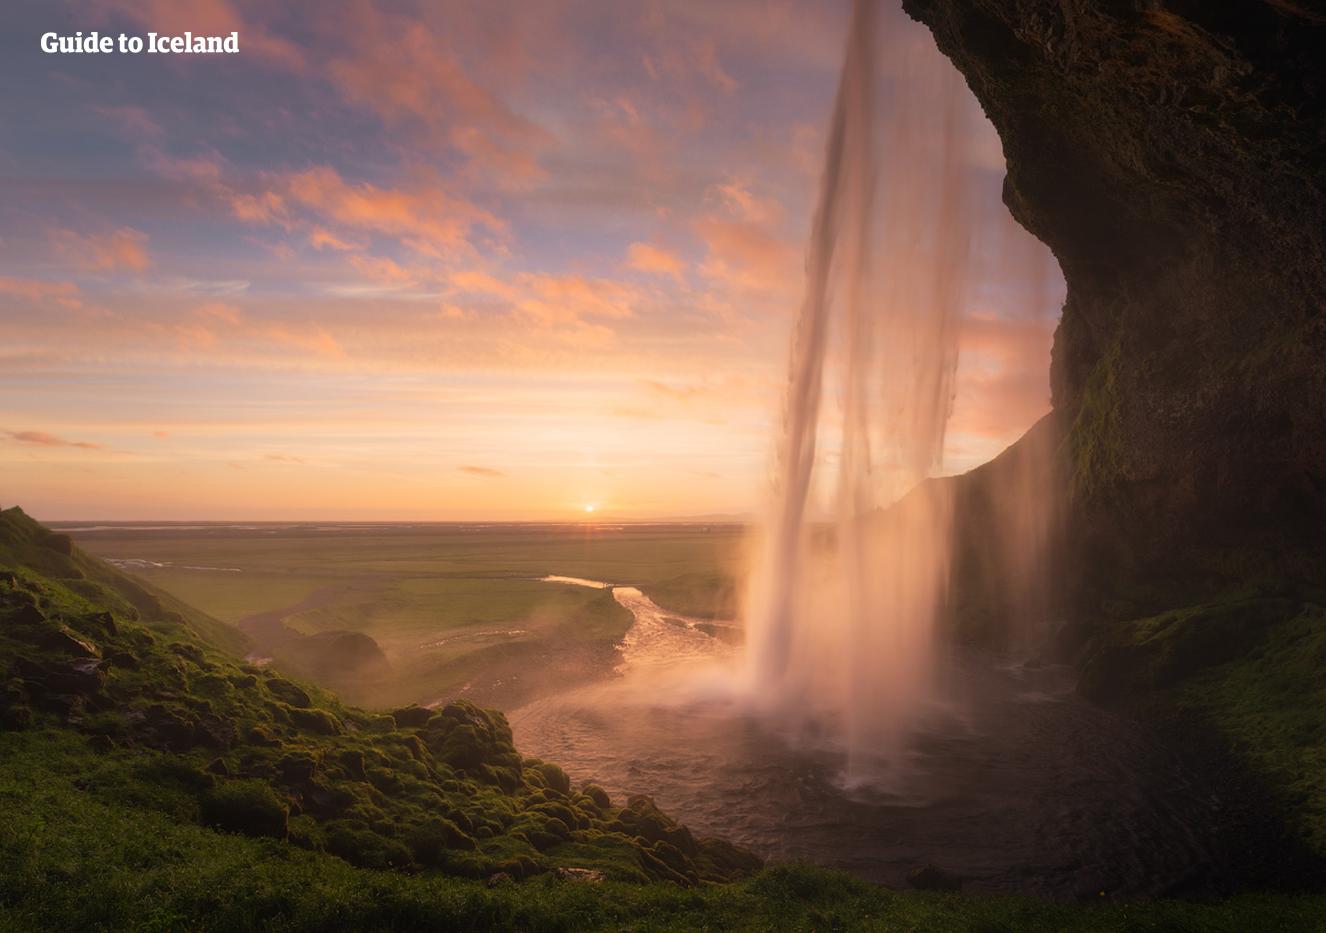 Rund um die Sommersonnenwende im Juni können Besucher hinter dem Wasserfall Seljalandsfoss stehen und um Mitternacht beobachten, wie die Sonne auf dem südlichen Horizont balanciert, aber nie dahinter versinkt.